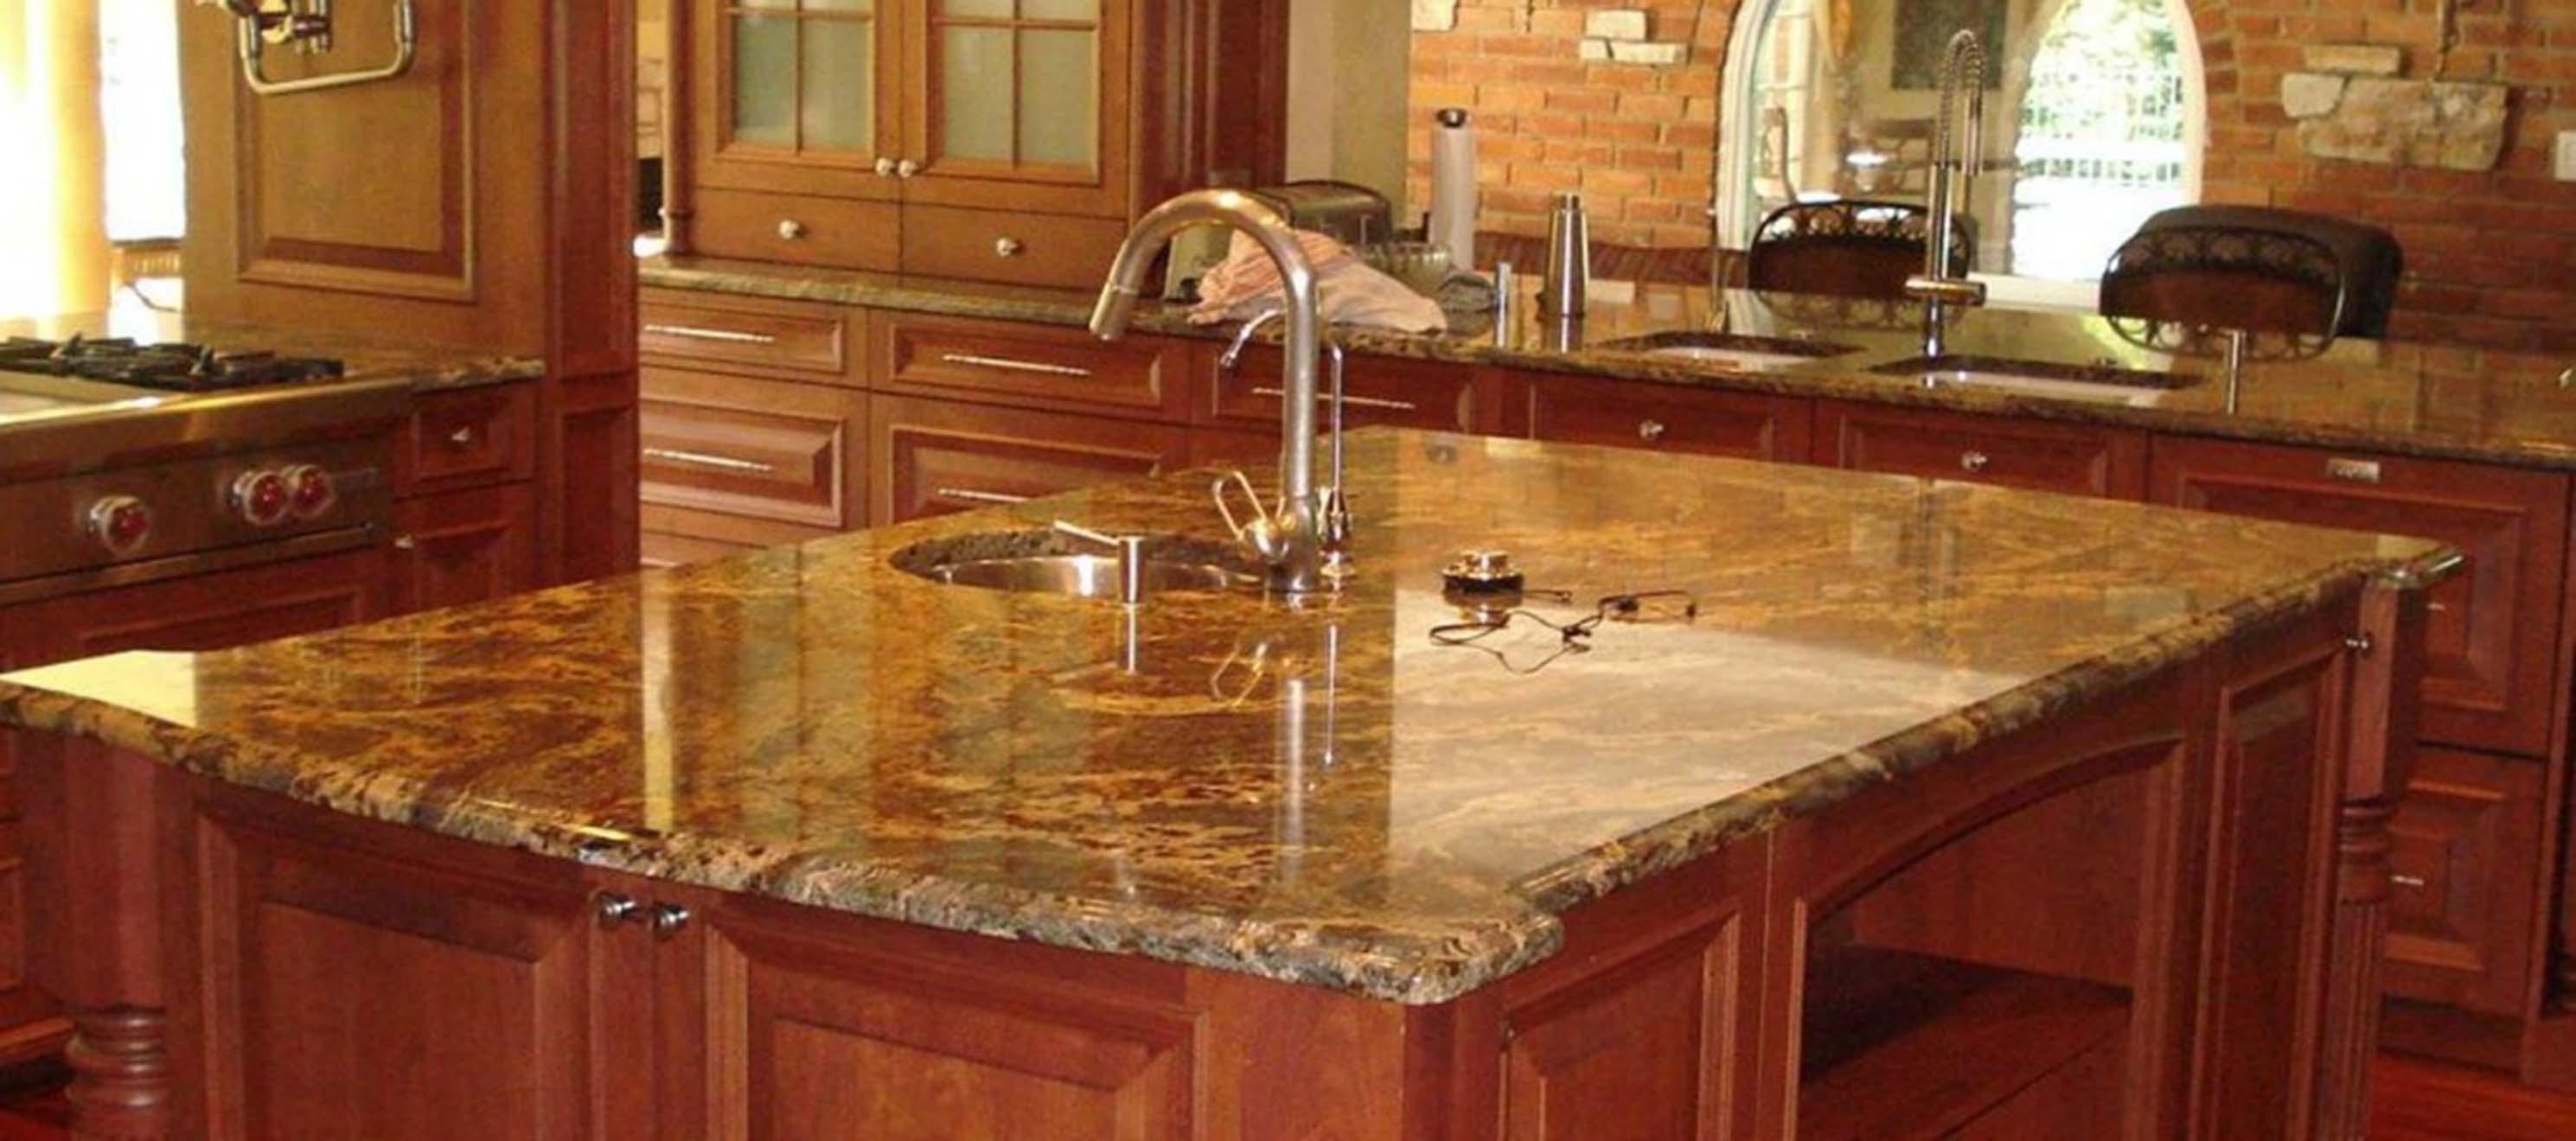 granite kitchen countertops pics photo - 8